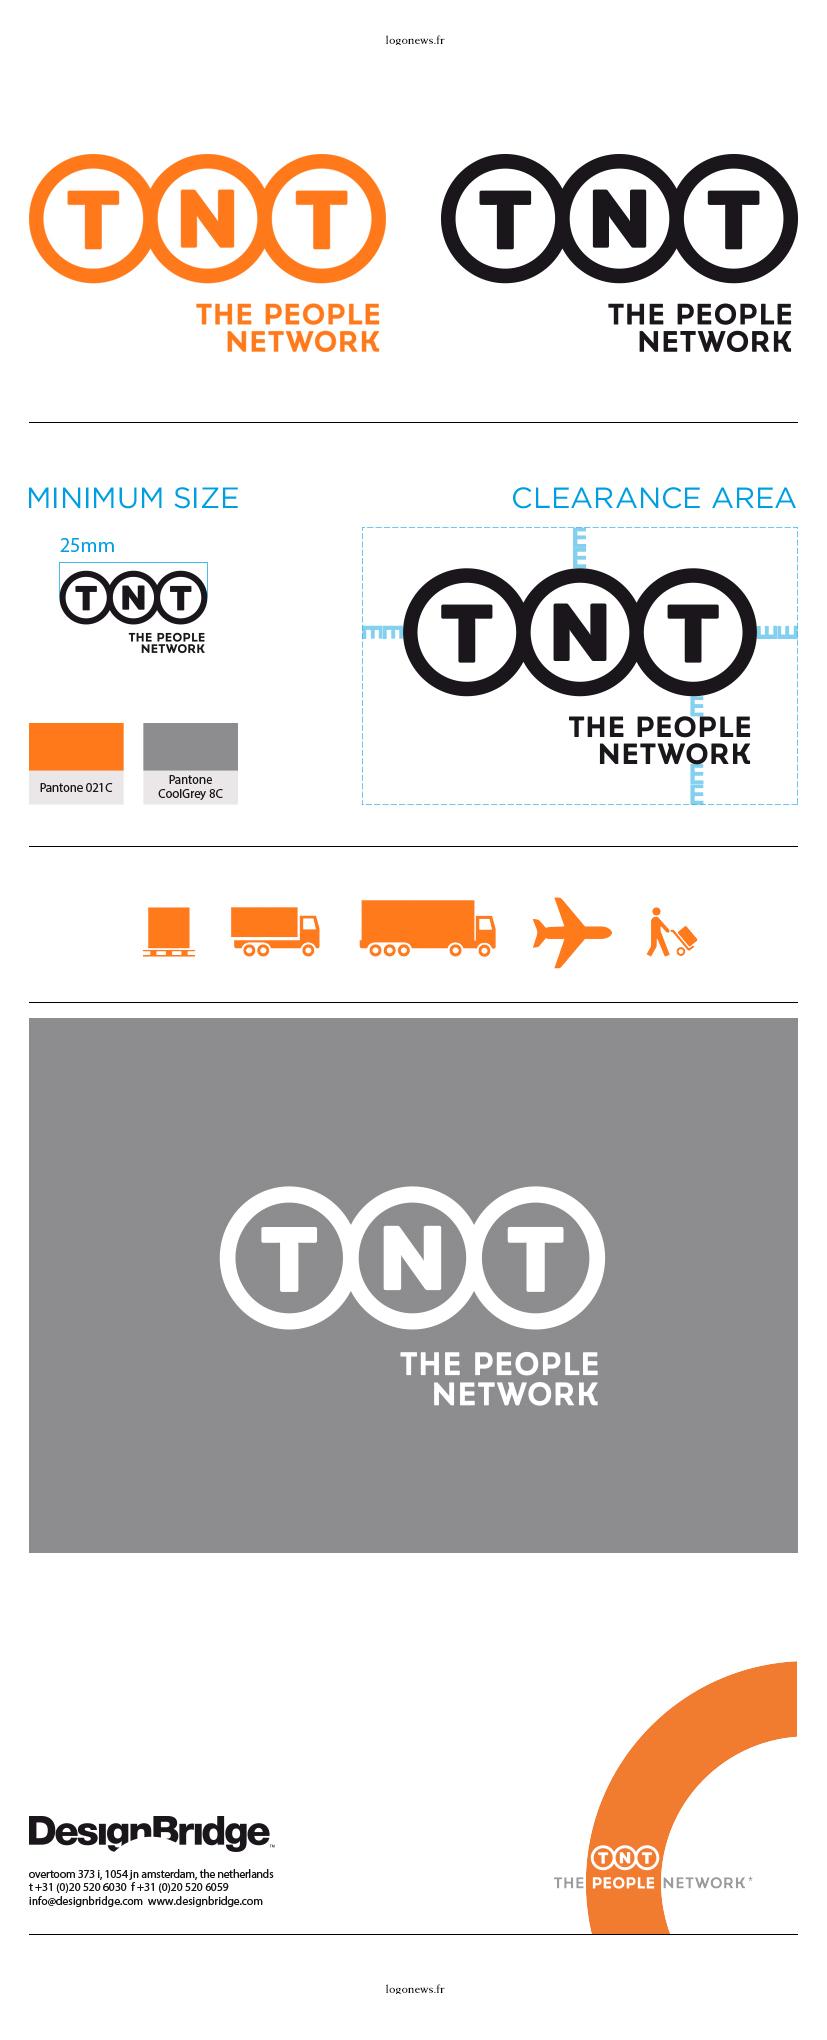 TNT modifie son identité graphqiue